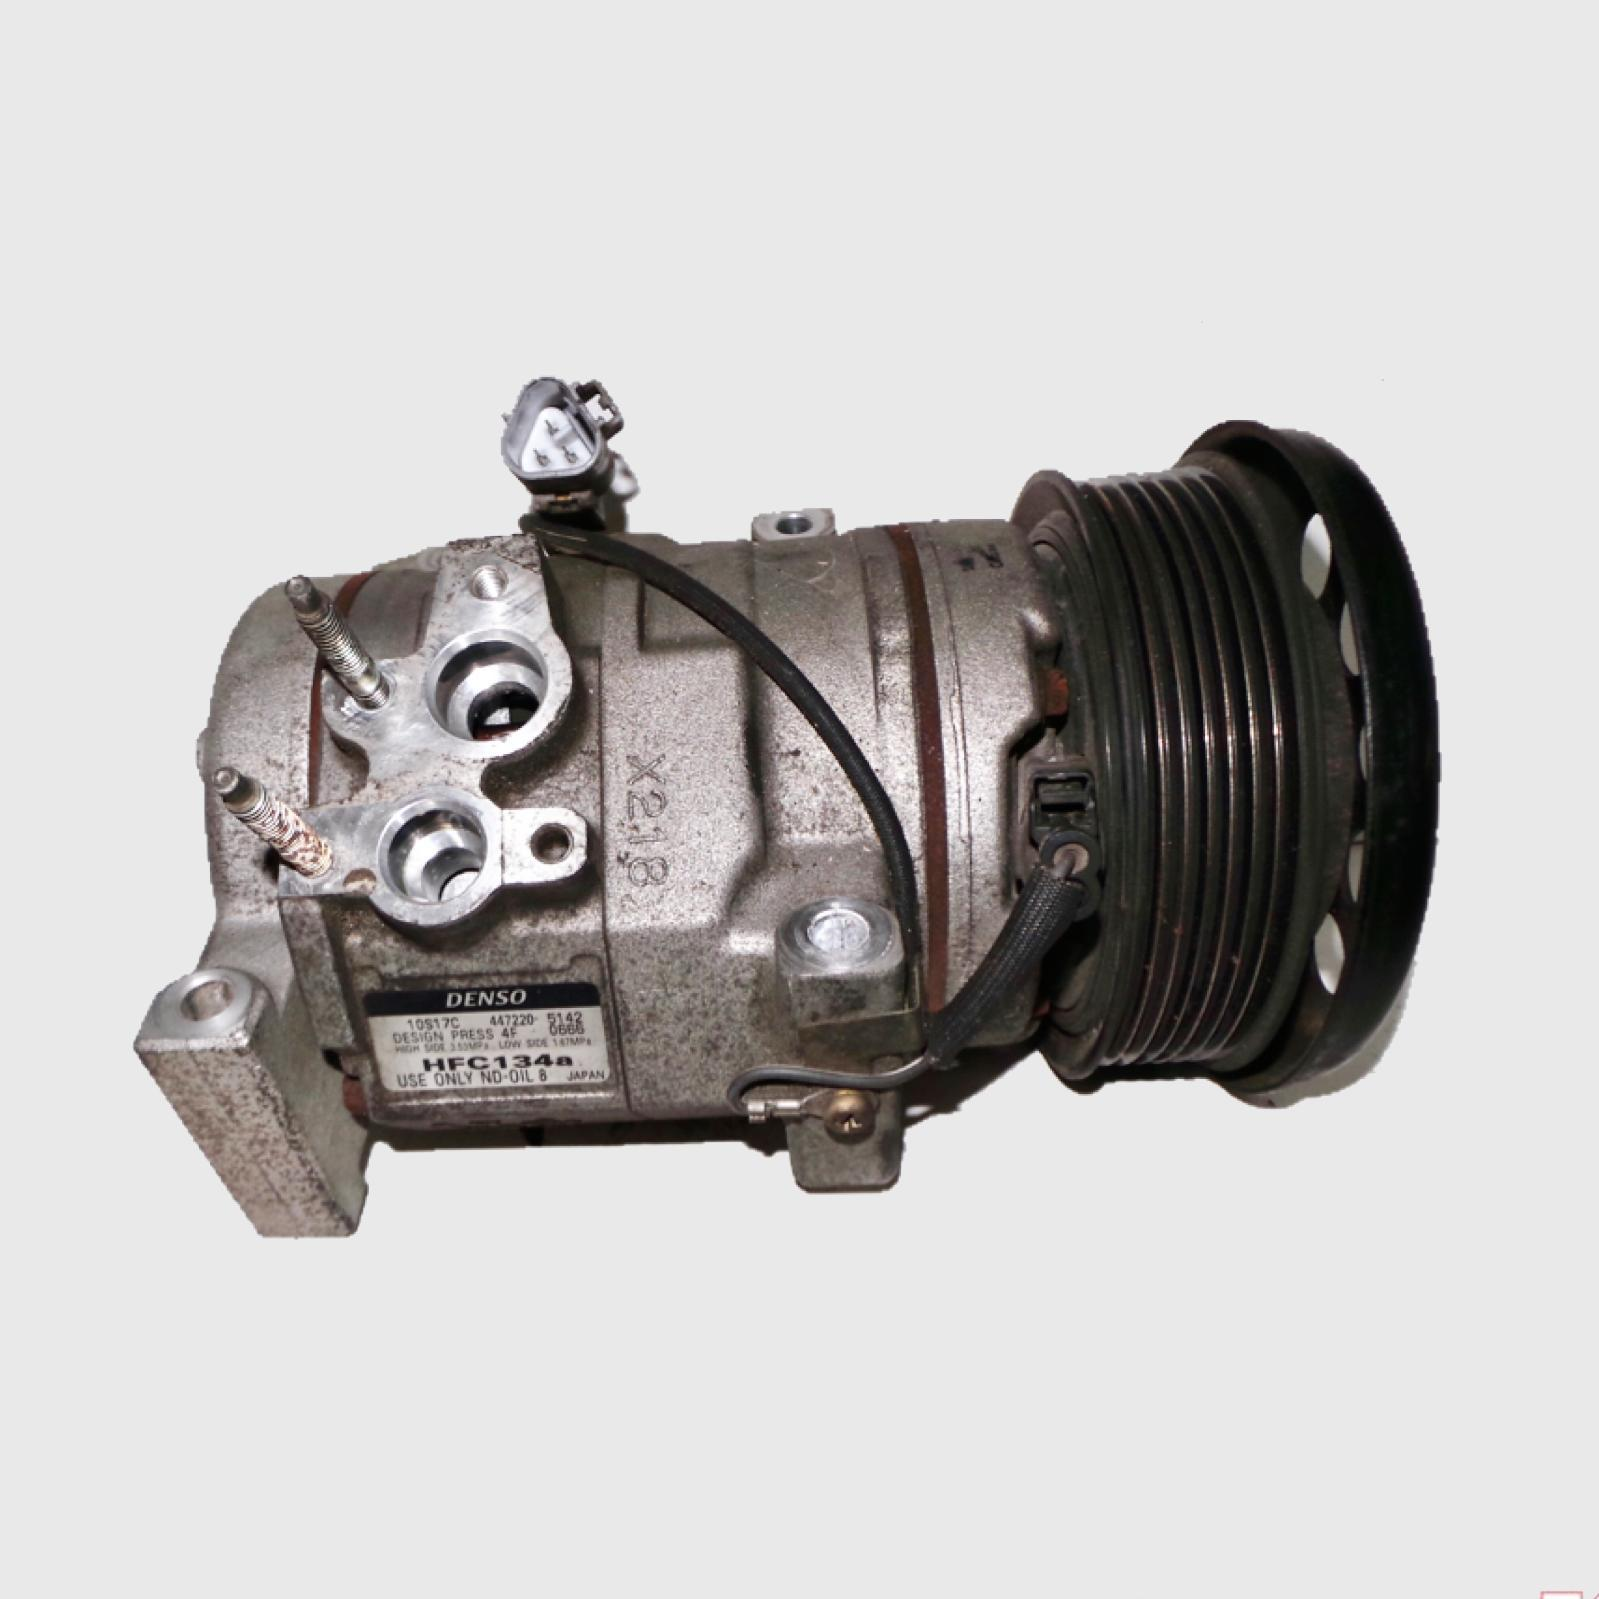 TOYOTA PRADO, A/C Compressor, 120 SERIES, 4.0, 1GR-FE, PETROL, 10S17C X218, 02/03-10/09